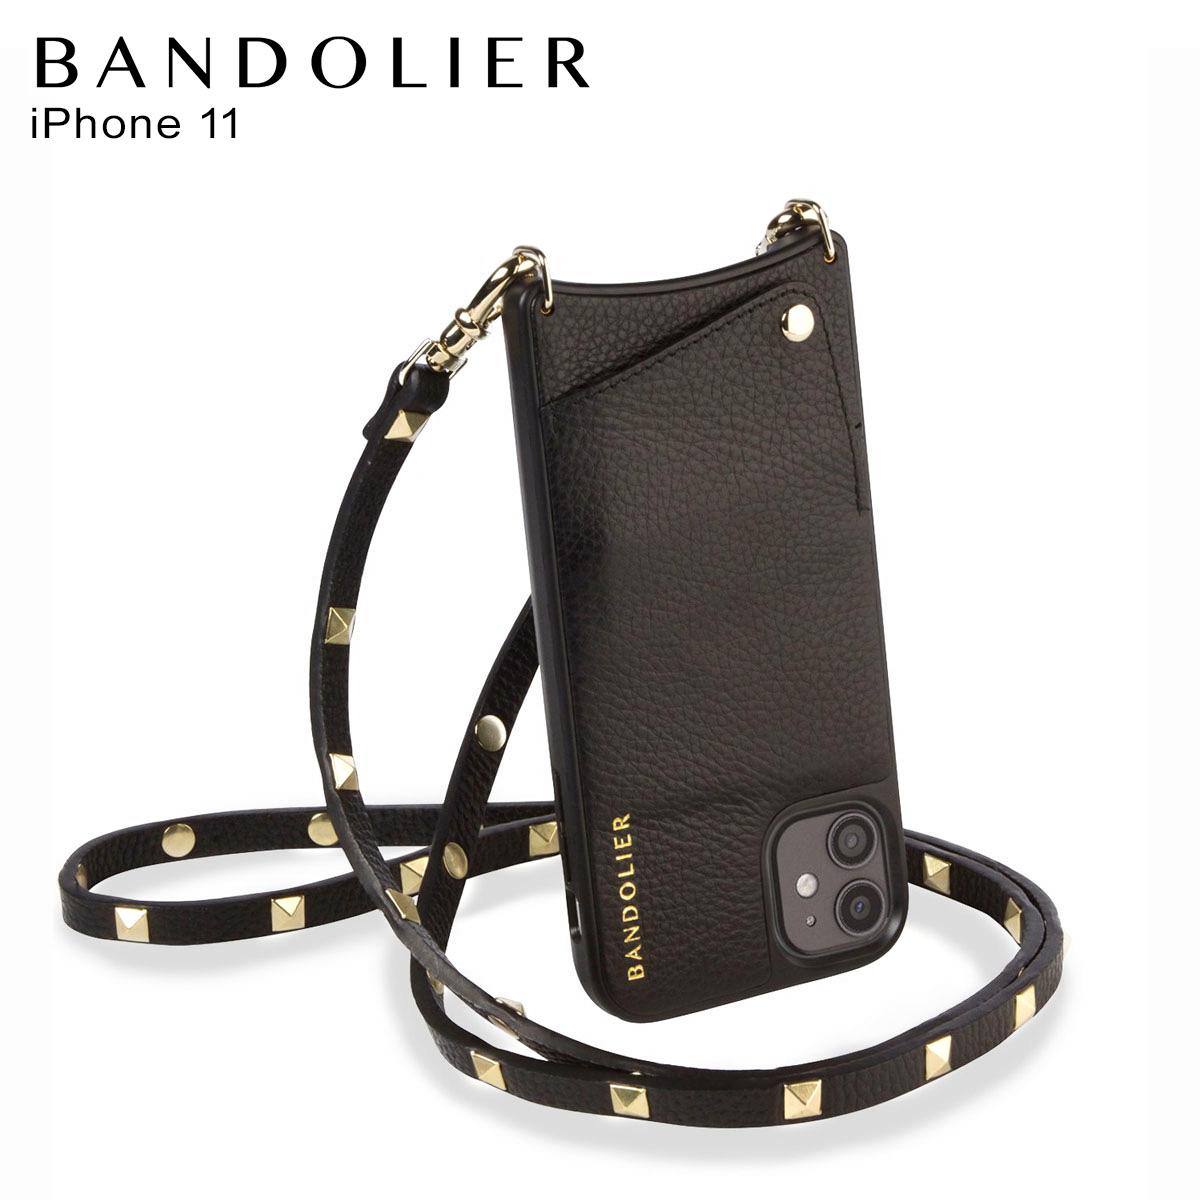 BANDOLIER SARAH GOLD バンドリヤー サラ ゴールド iPhone11 ケース スマホ 携帯 ショルダー アイフォン メンズ レディース ブラック 黒 2014